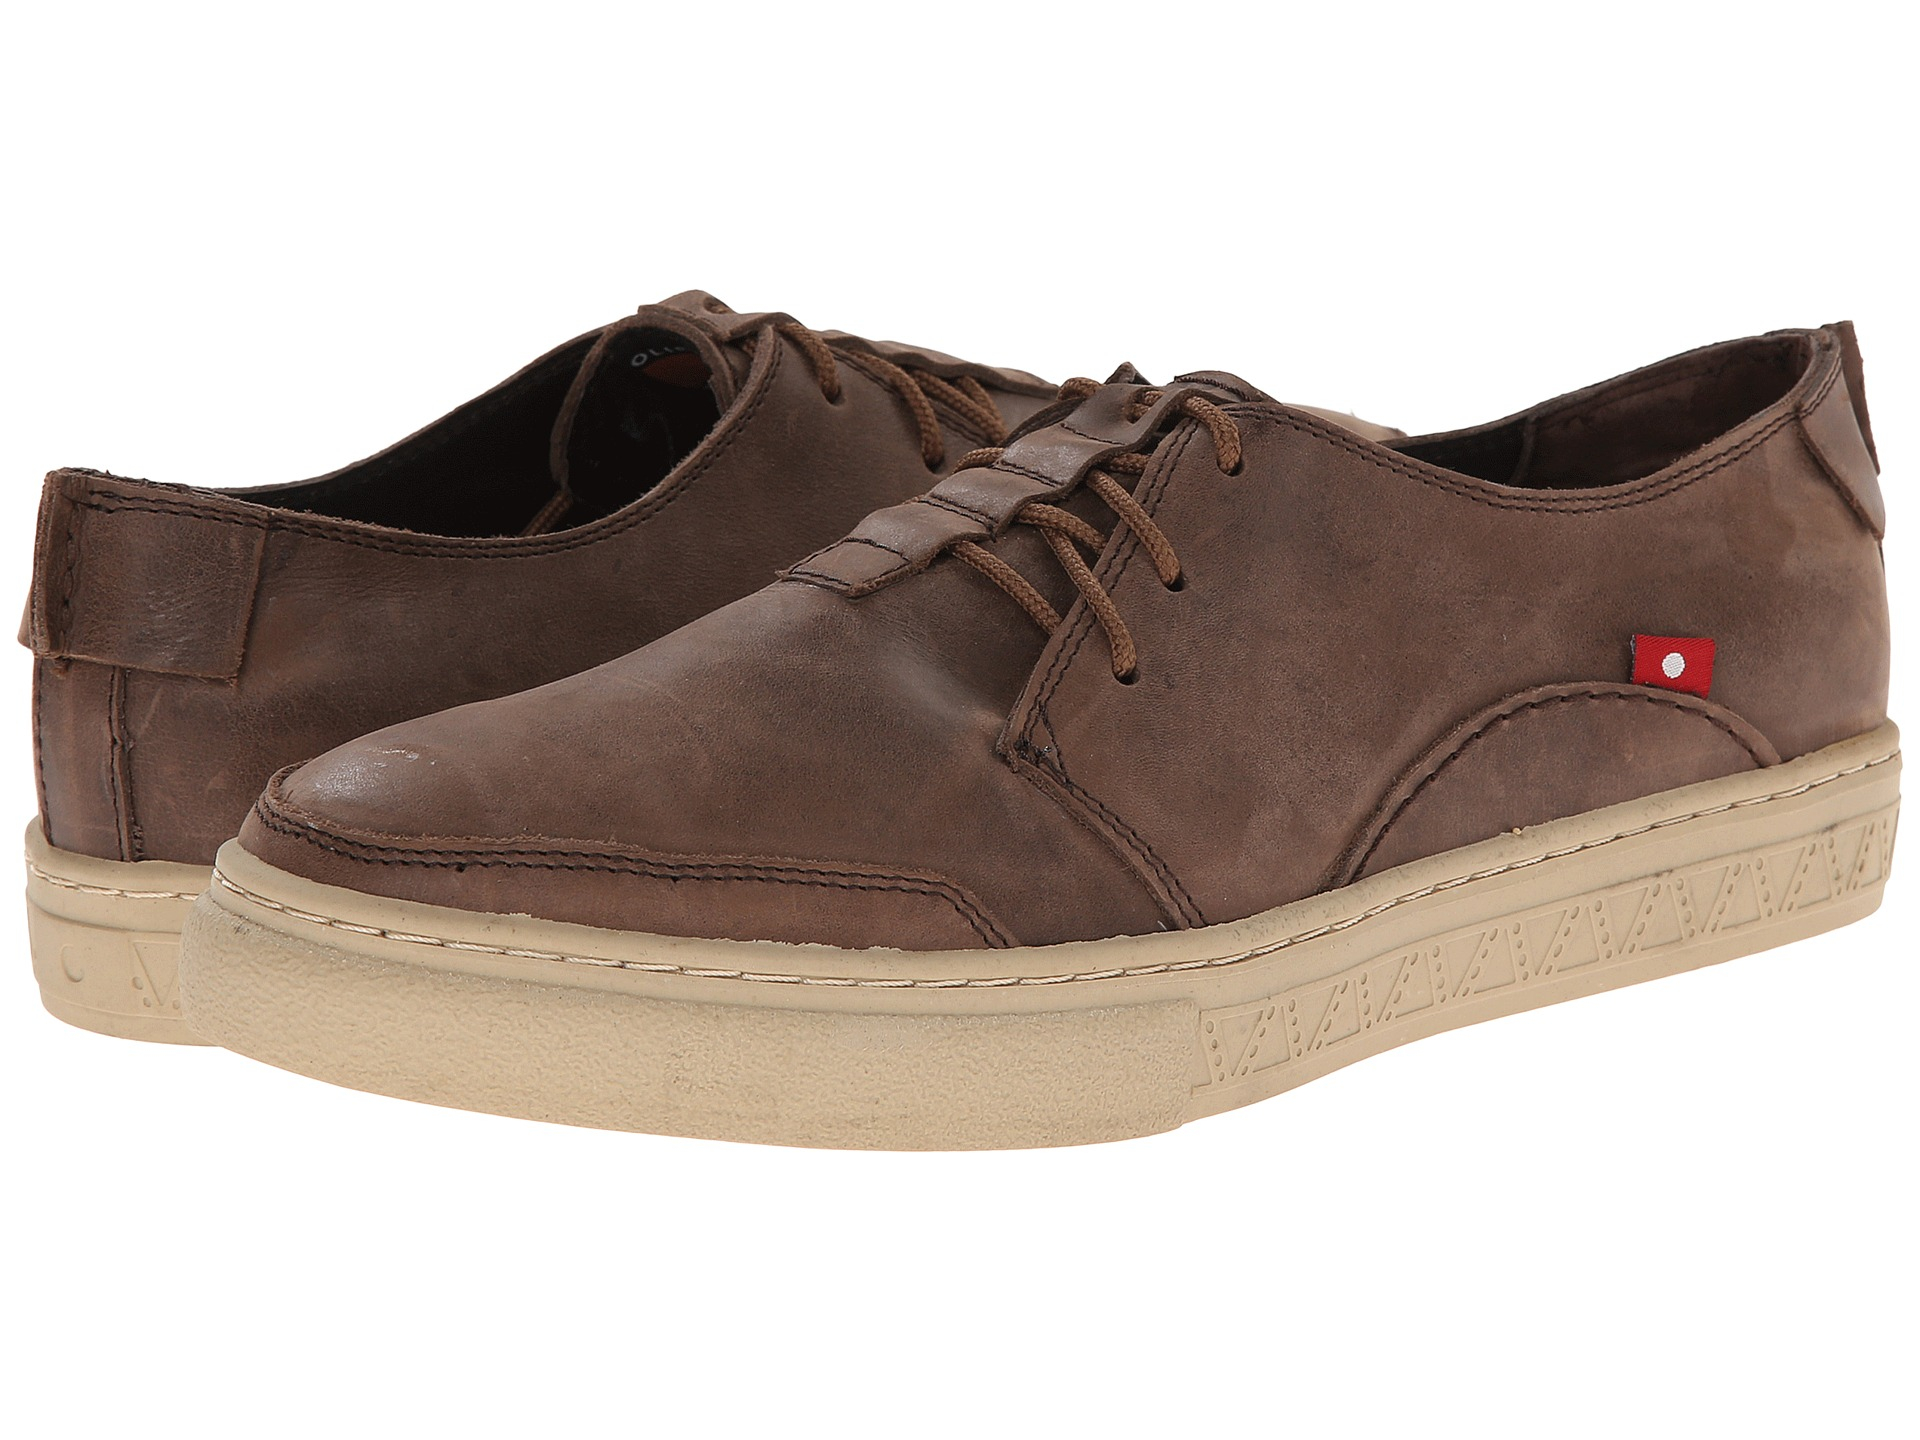 Oliberte Shoes On Sale